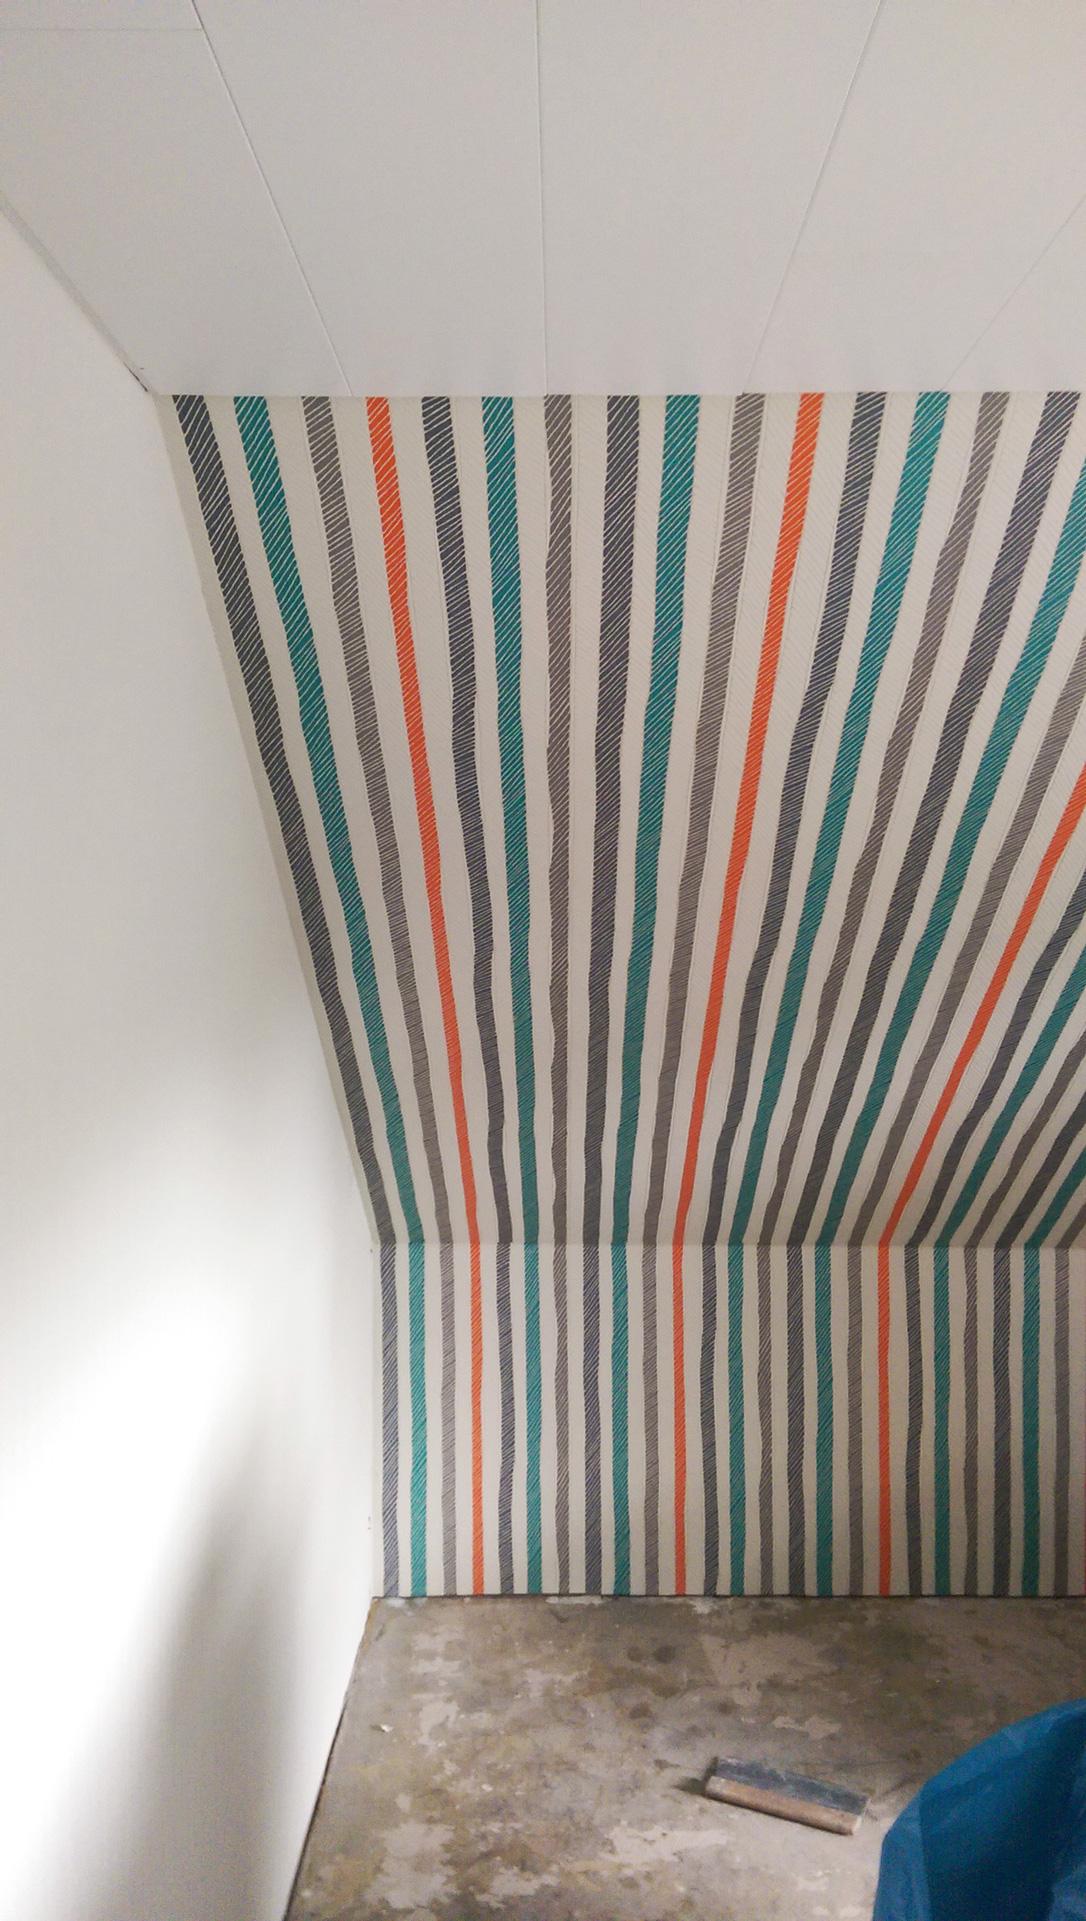 mandic-baudekoration-tapezierarbeiten-1